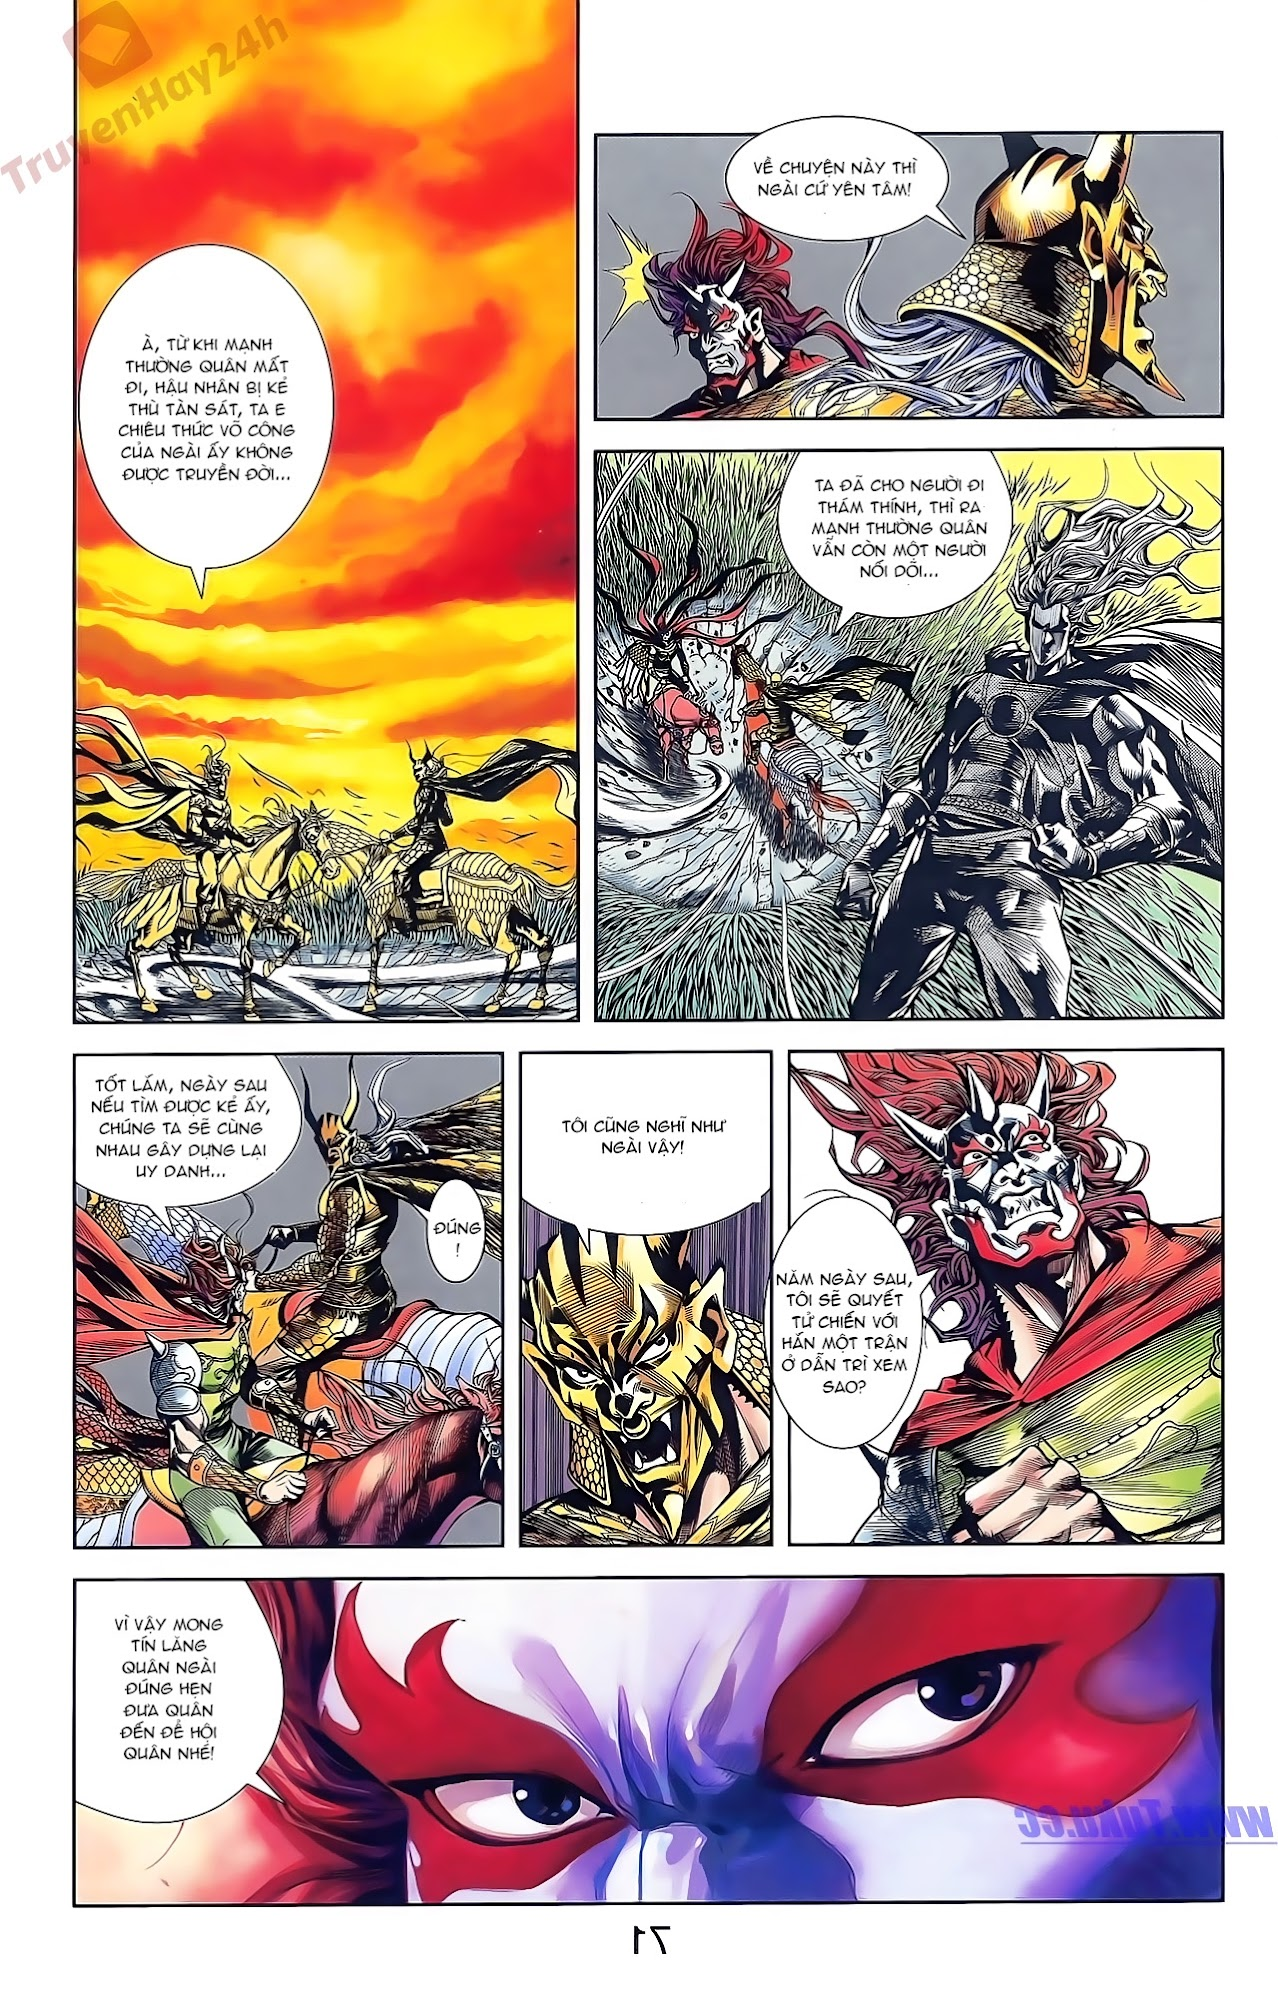 Tần Vương Doanh Chính chapter 47 trang 7